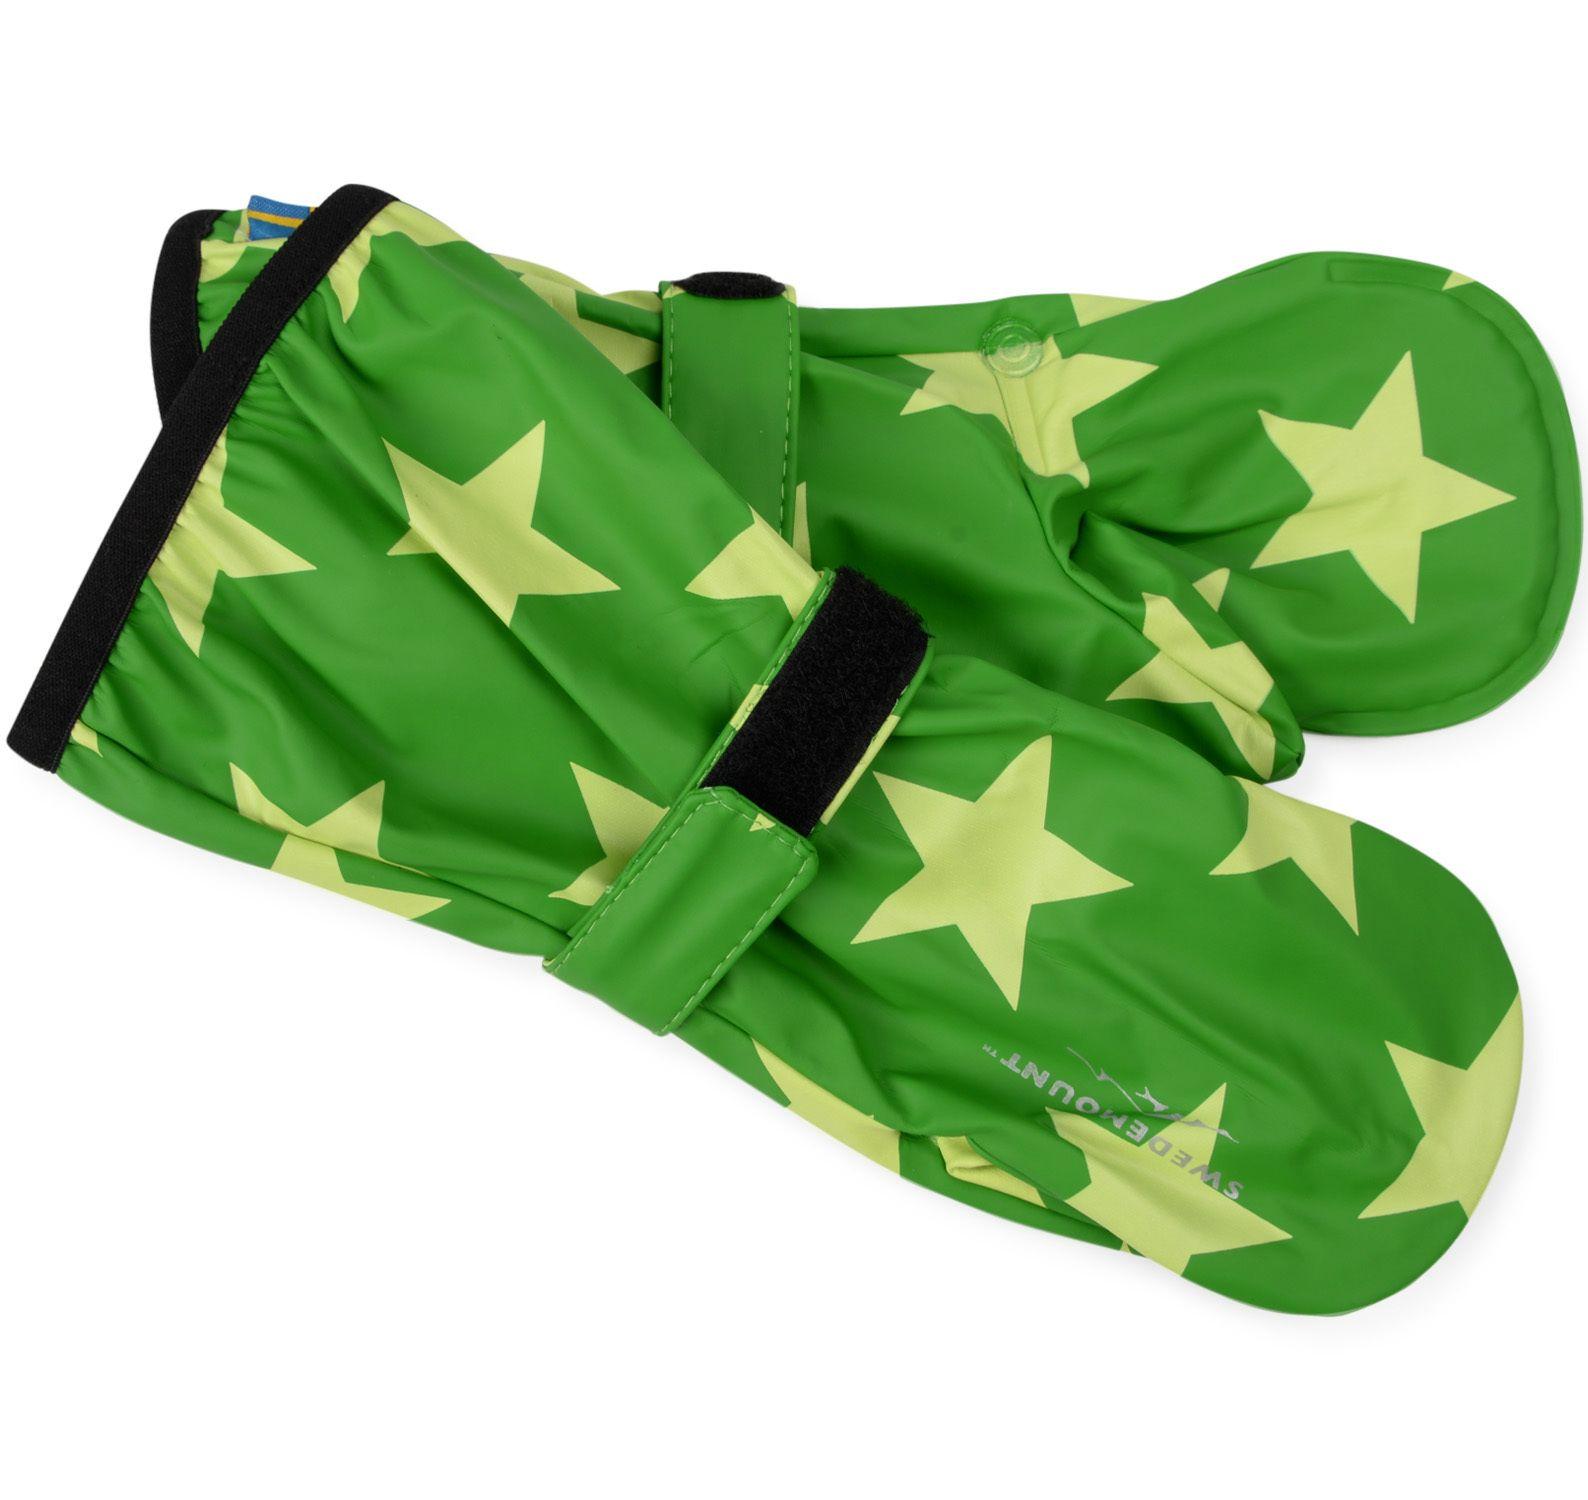 Dropp Rainglove, Green/Green Star, 0-2y, Regnkläder